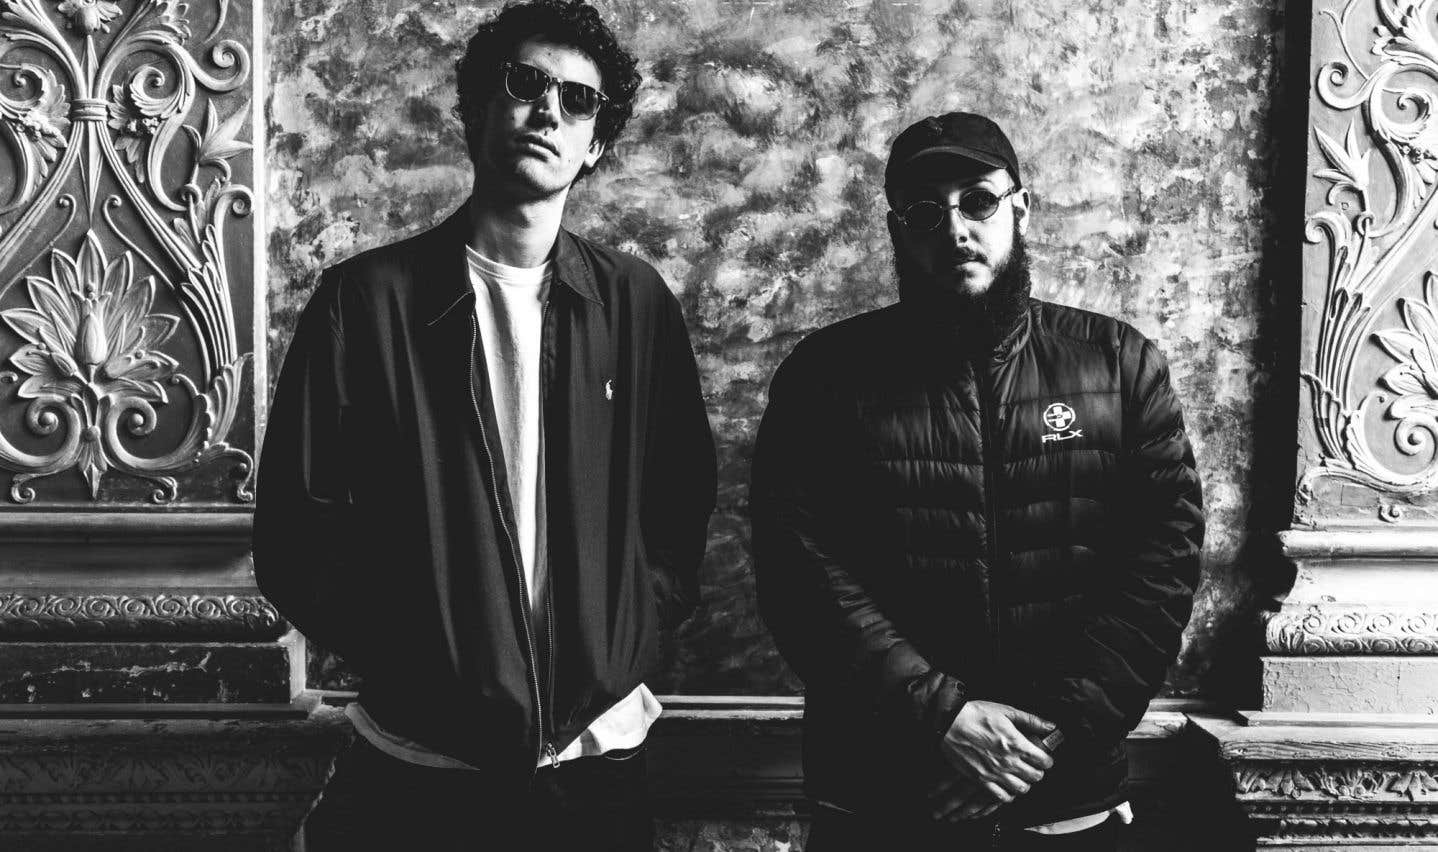 Caballero & JeanJass aux FrancoFolies: l'invasion hip-hop franco-belge